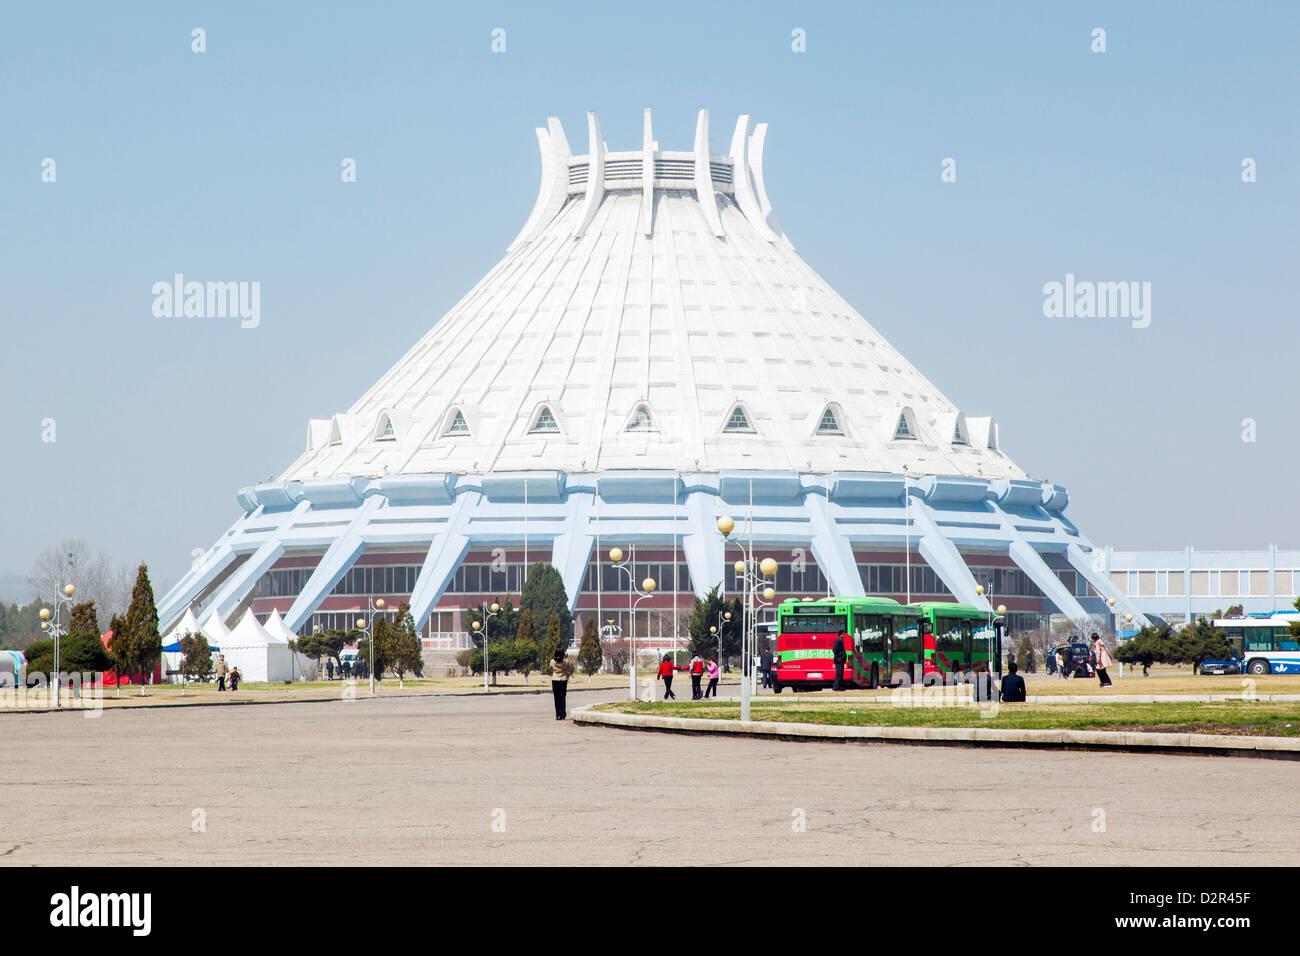 Estadio deportivo cubierto, Pyongyang, República Popular Democrática de Corea (RPDC), Corea del Norte, Imagen De Stock